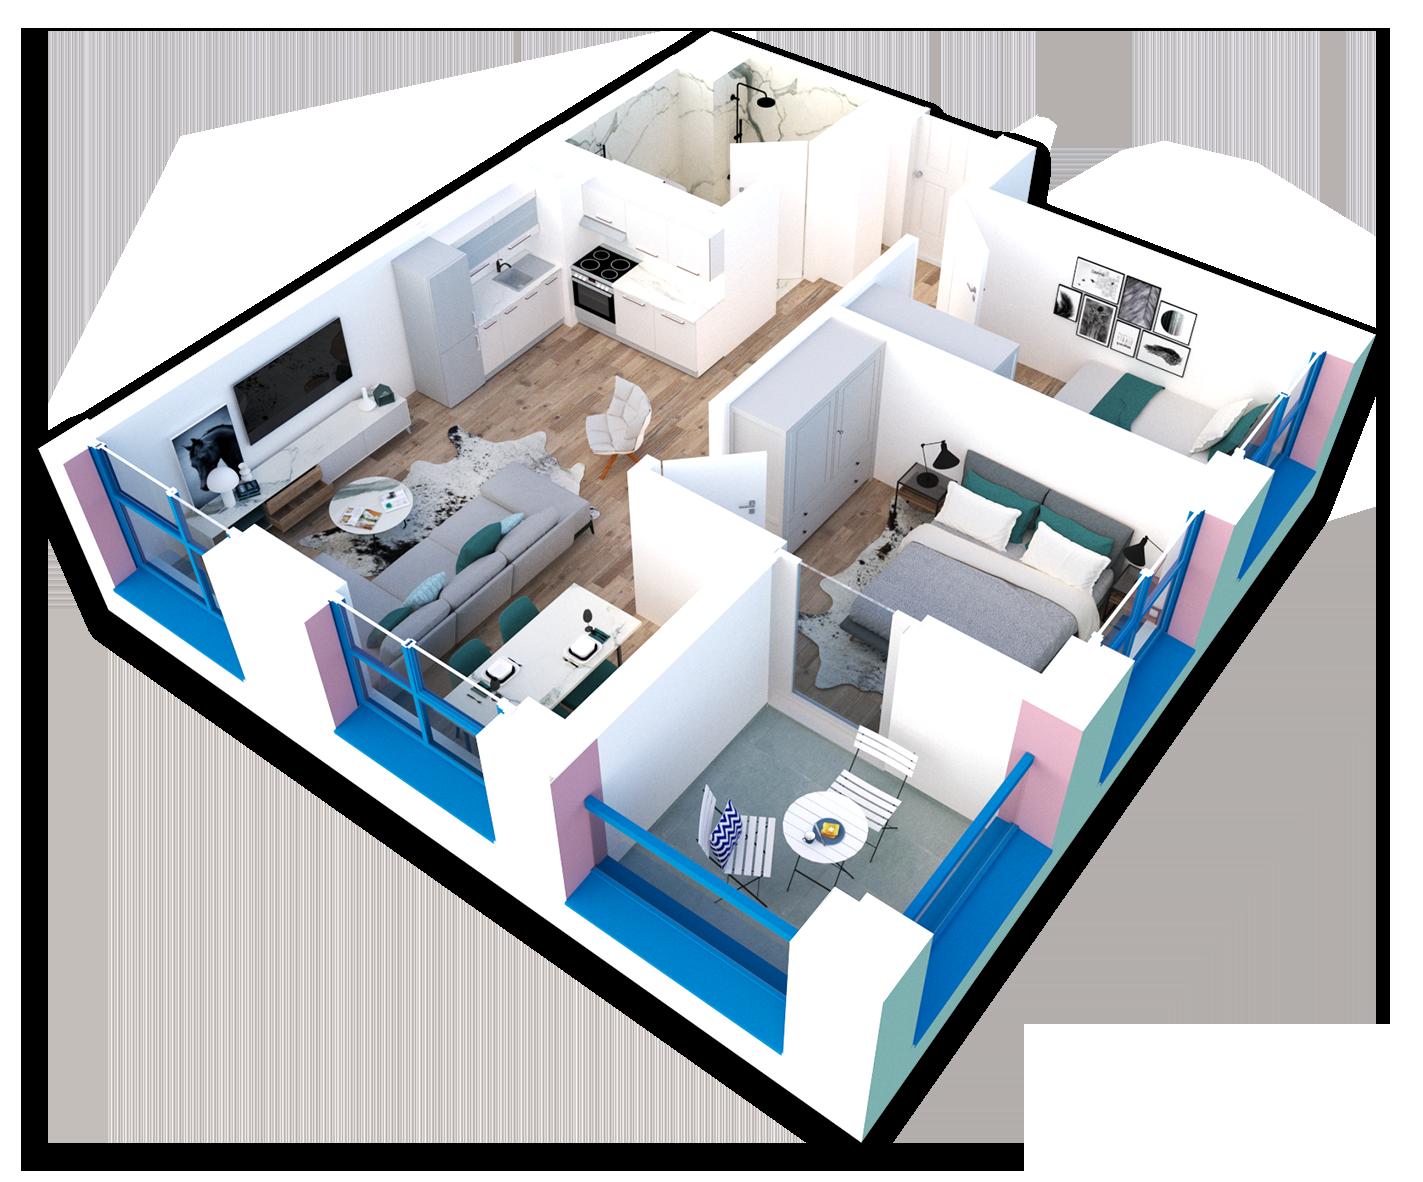 Apartament 2+1 në shitje në Tiranë - Mangalem 21 Shkalla 22 Kati 4